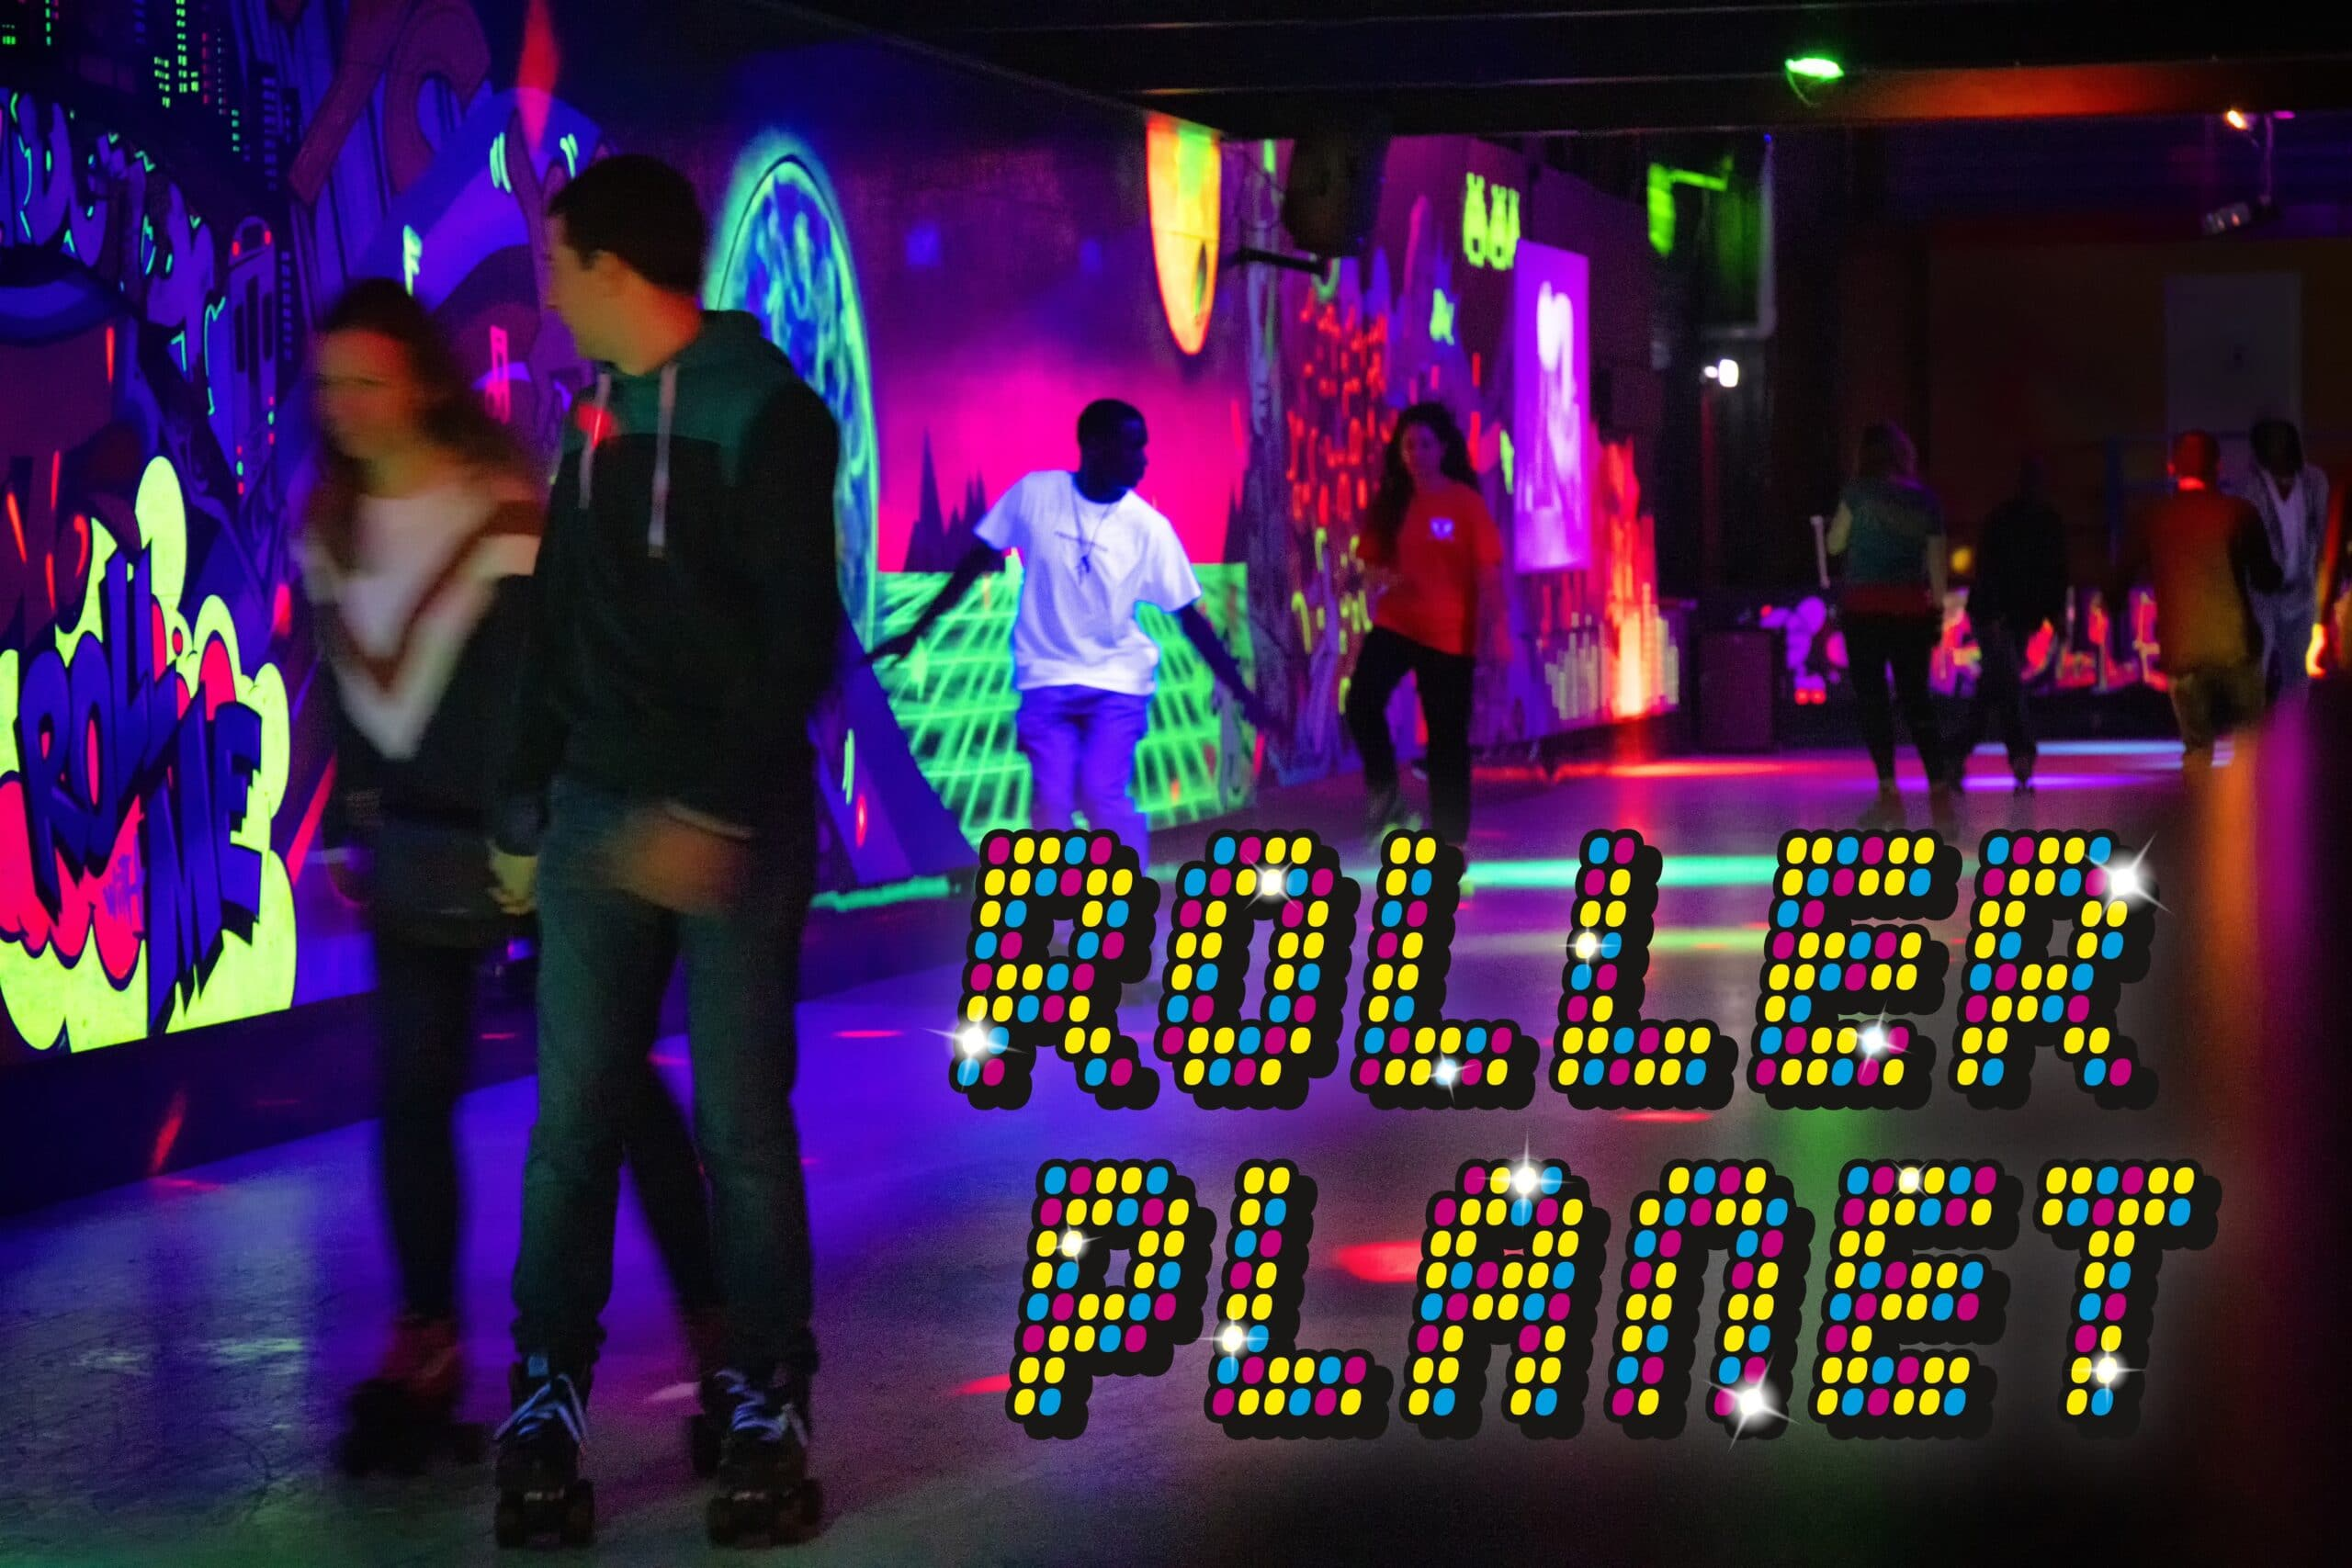 Rolschaatsbaan van Roller Planet met logo en rollerskaters op de rink.